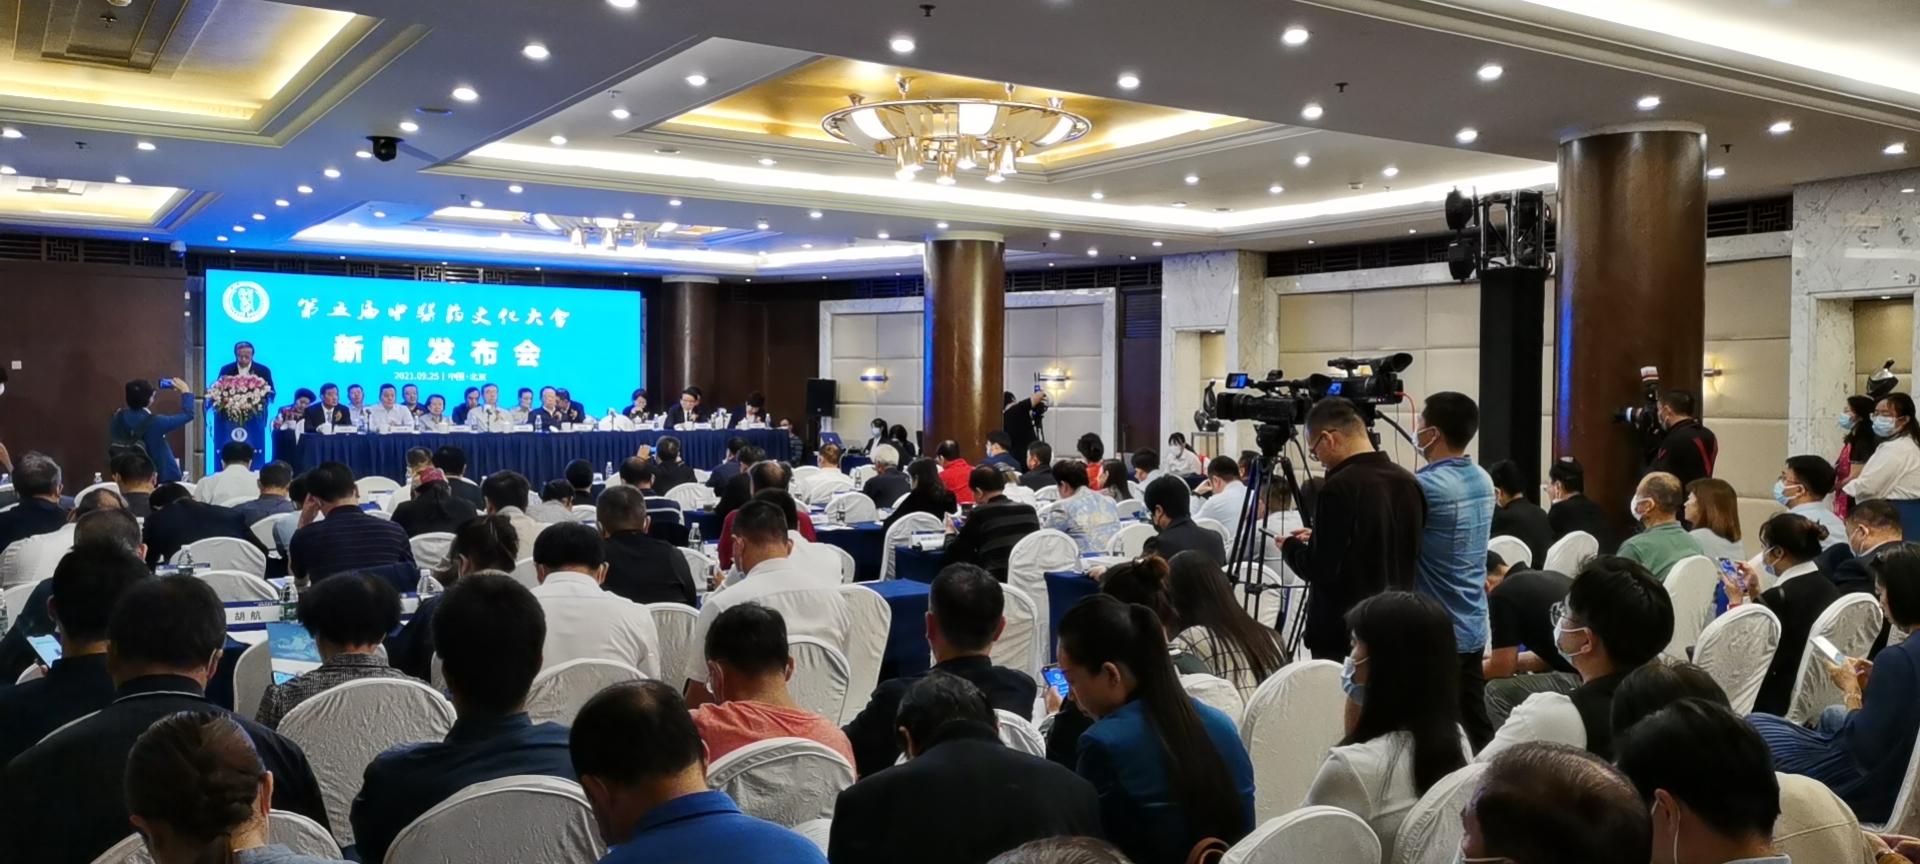 第五届中医药文化大会将在三门峡召开,促进中医药产业发展